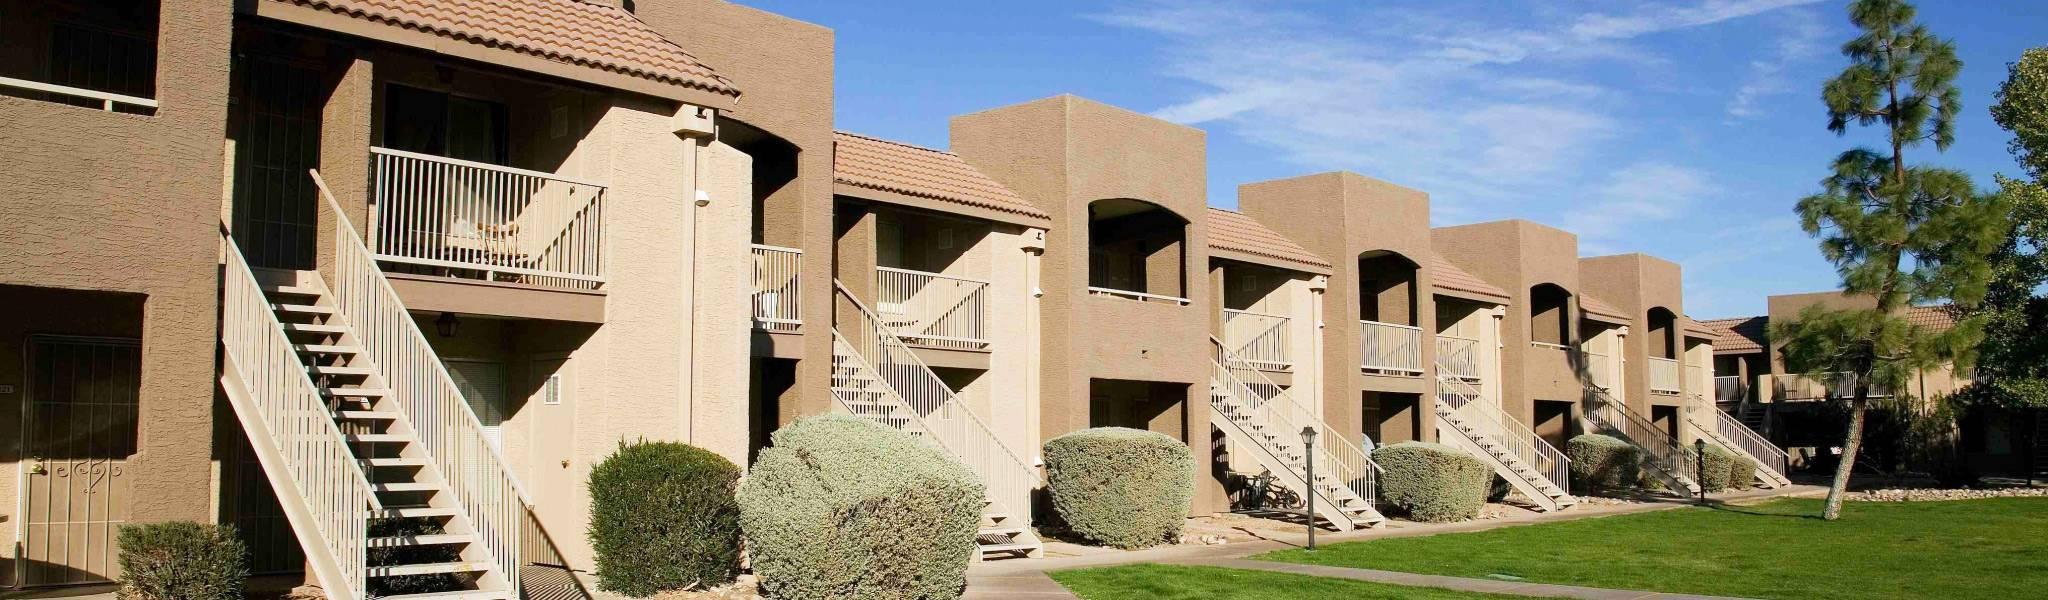 phoenix az apartments for rent aspen square management